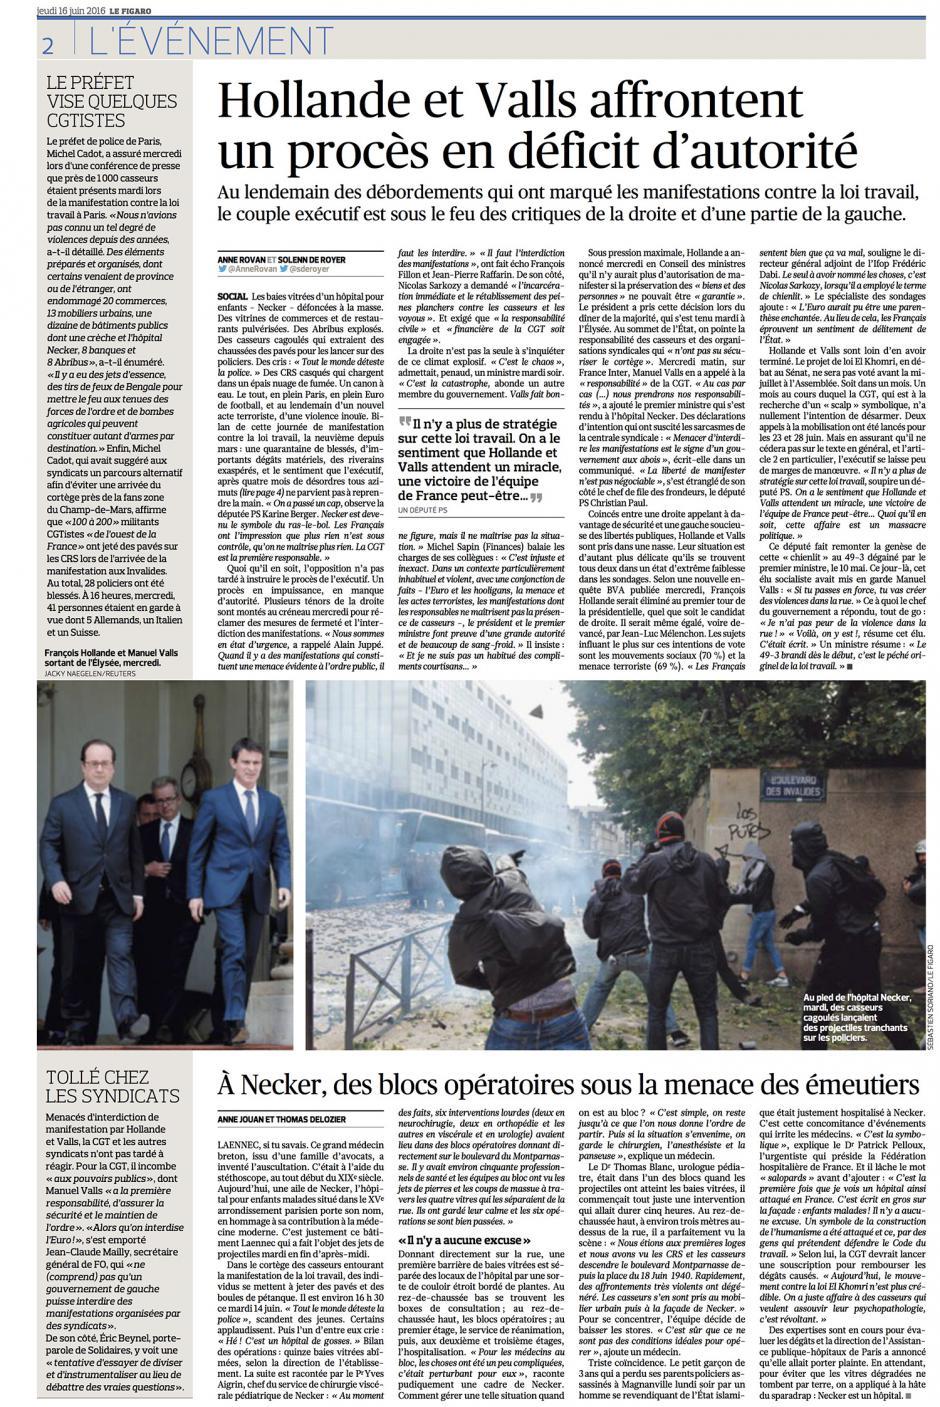 20160616-LeFig-France-À Necker, des blocs opératoires sous la menace des émeutiers